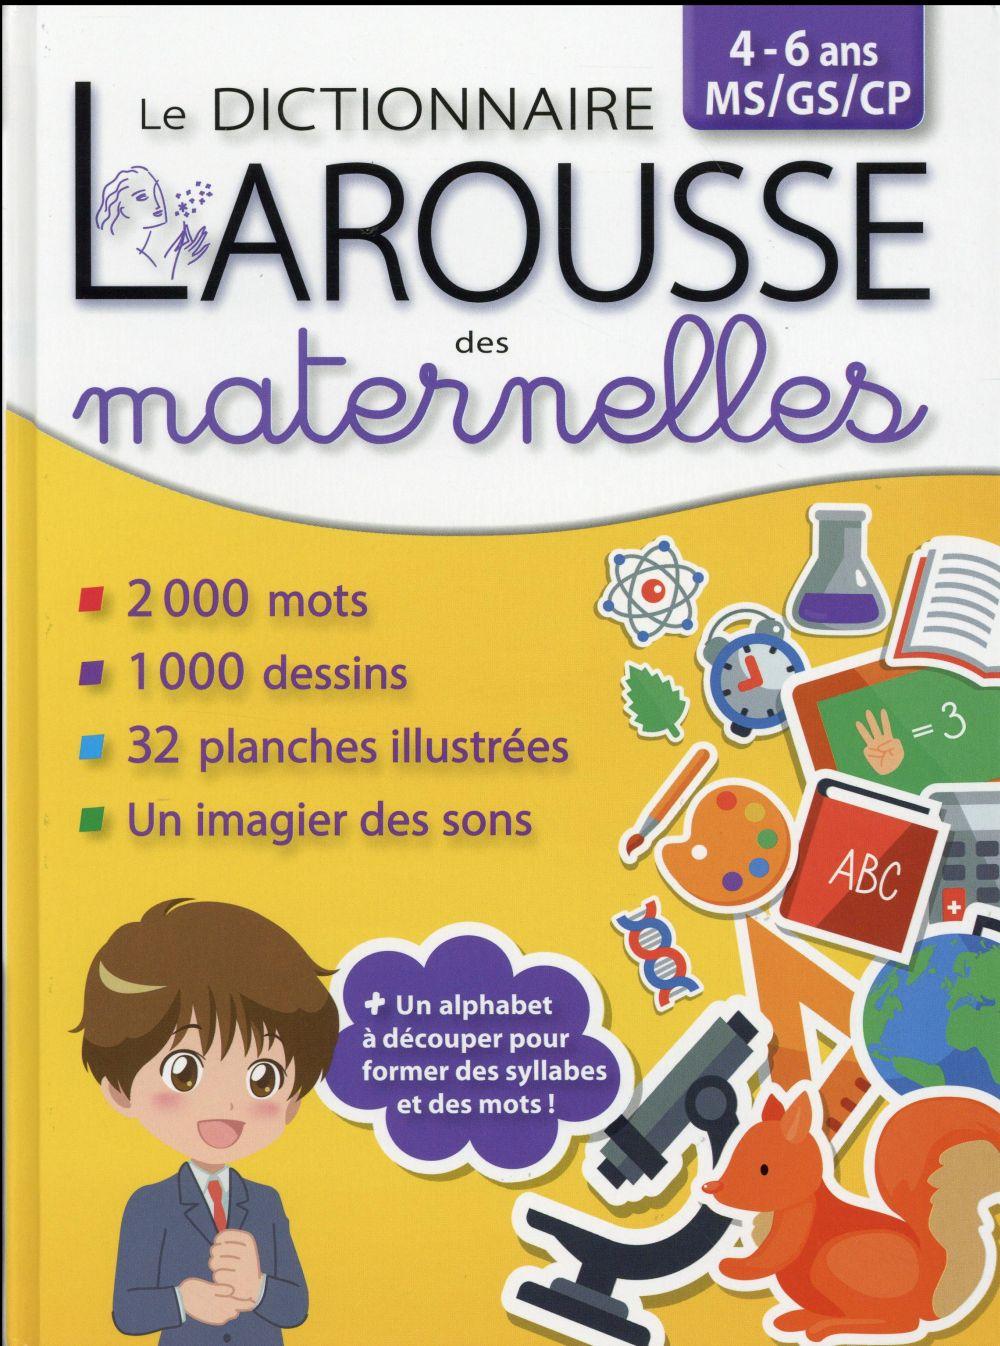 LE DICTIONNAIRE LAROUSSE DES MATERNELLES  -  4-6 ANS (EDITION 2016) XXX Larousse